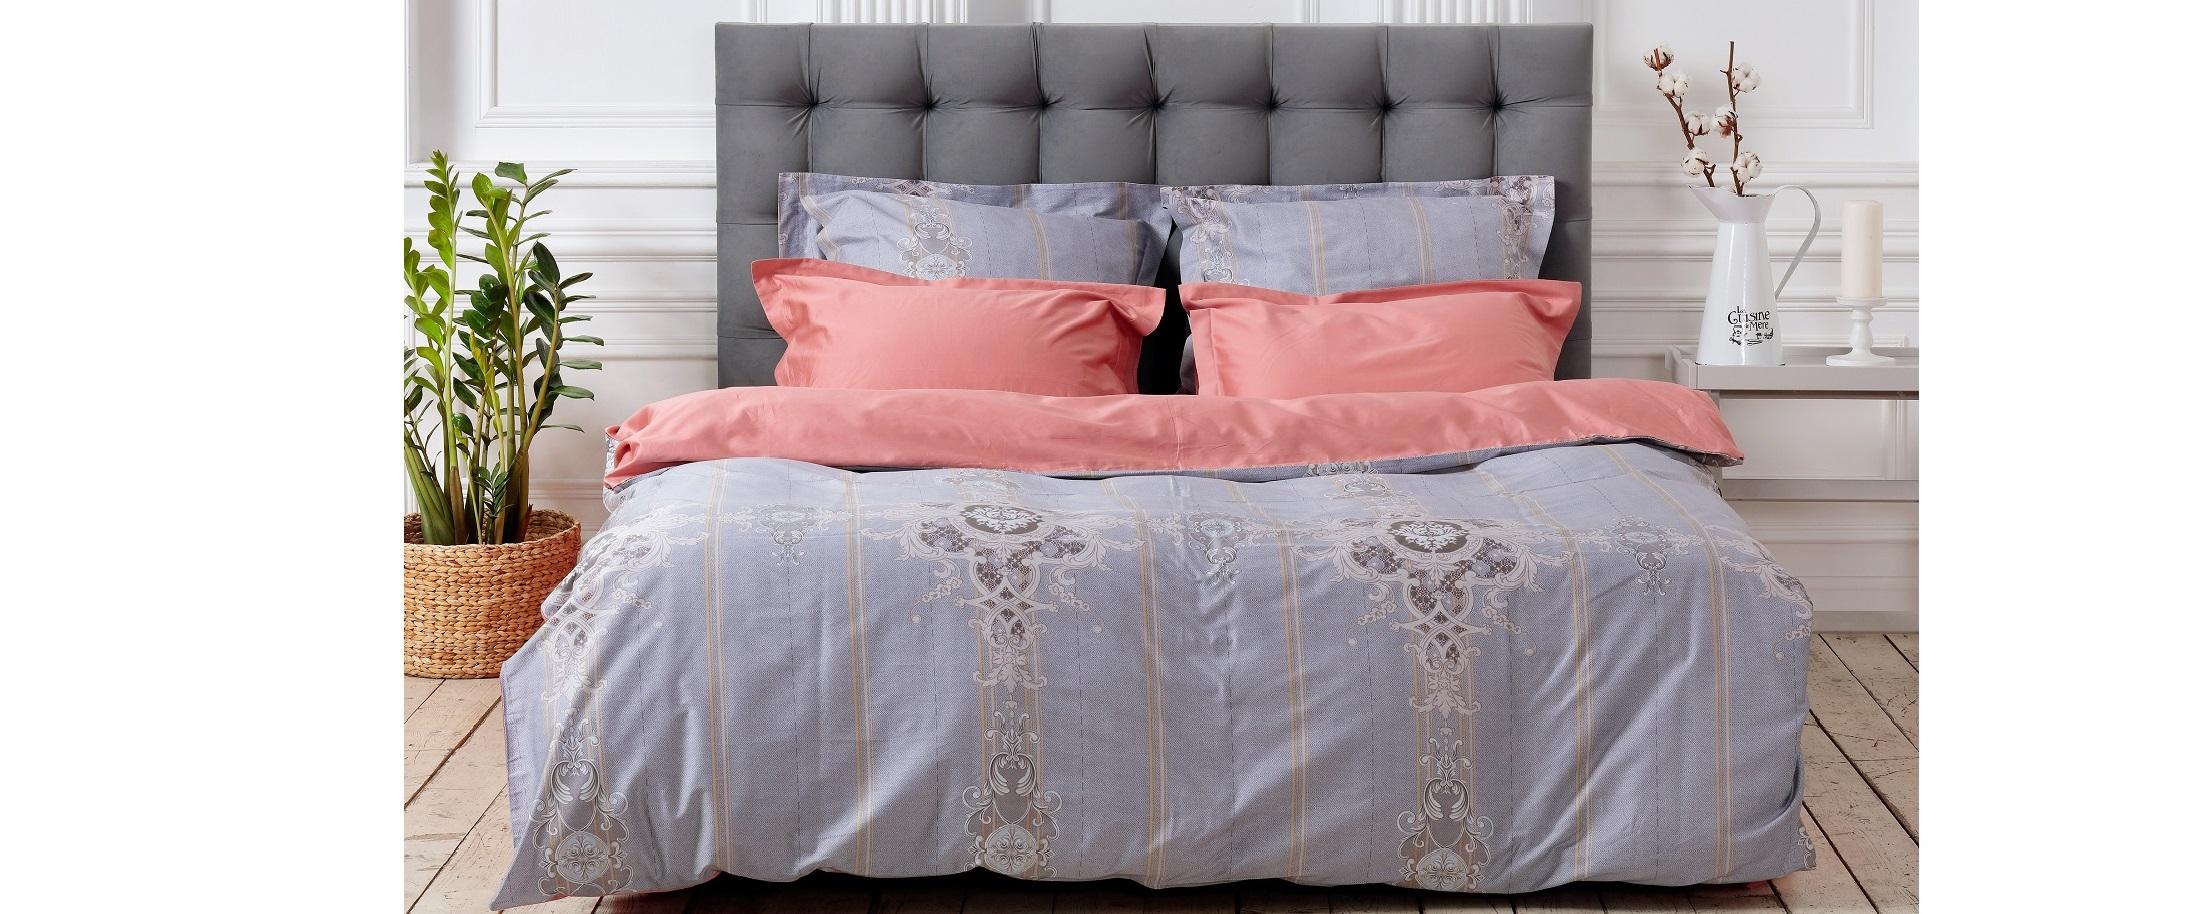 Комплект постельного белья Salerno B, Евро Макси, наволочки 50х70. Модель 4011